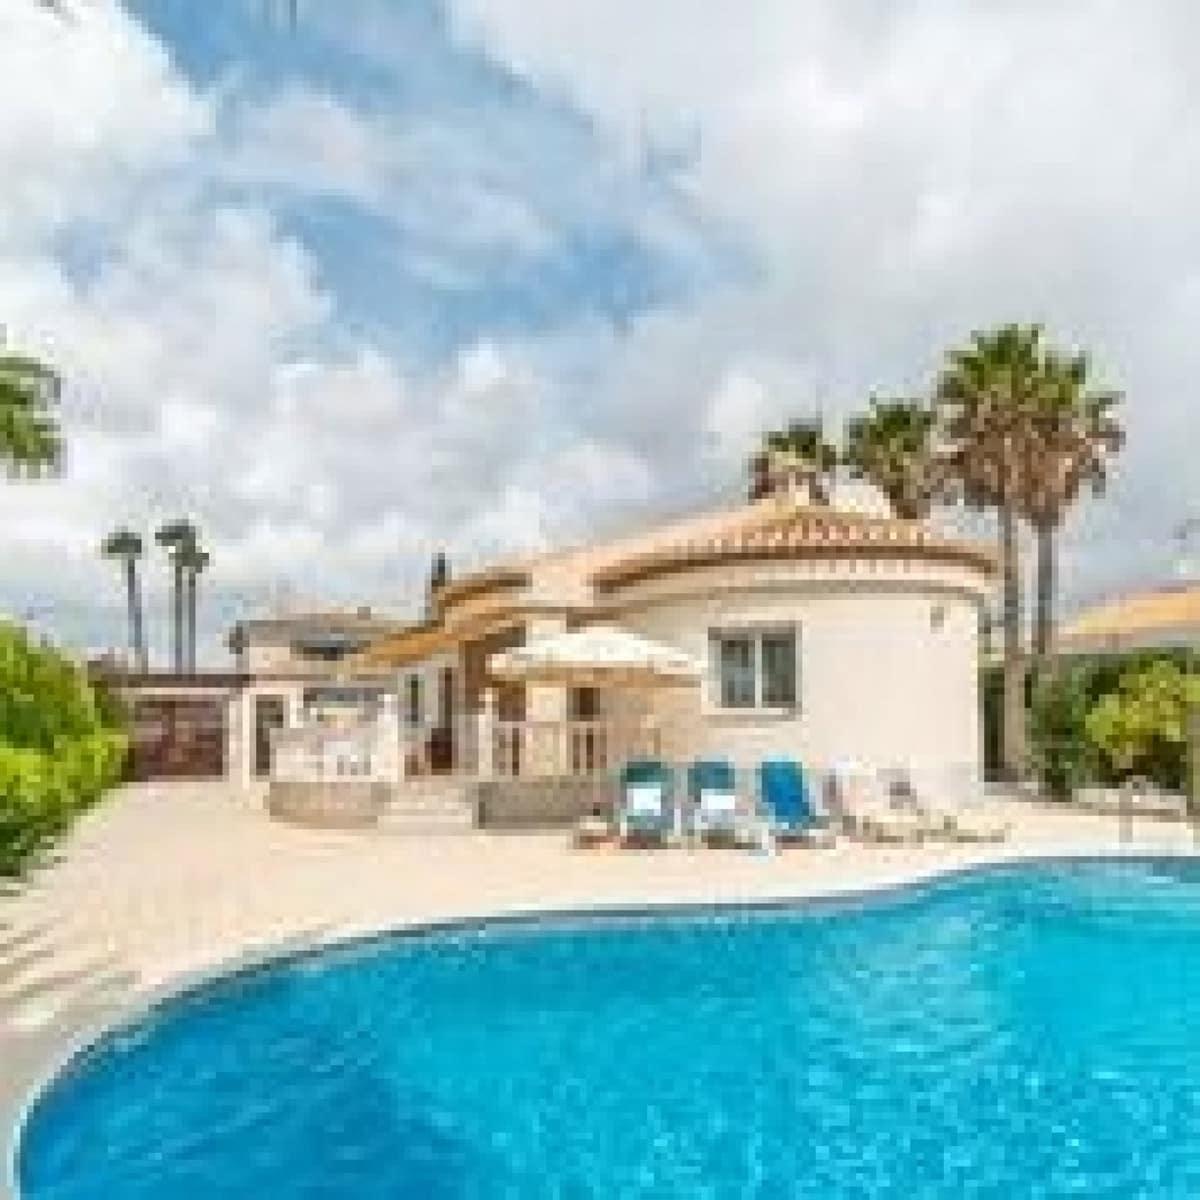 Chalet de 3 habitaciones en Playa Flamenca en venta con piscina - 380.000 € (Ref: 4922154)